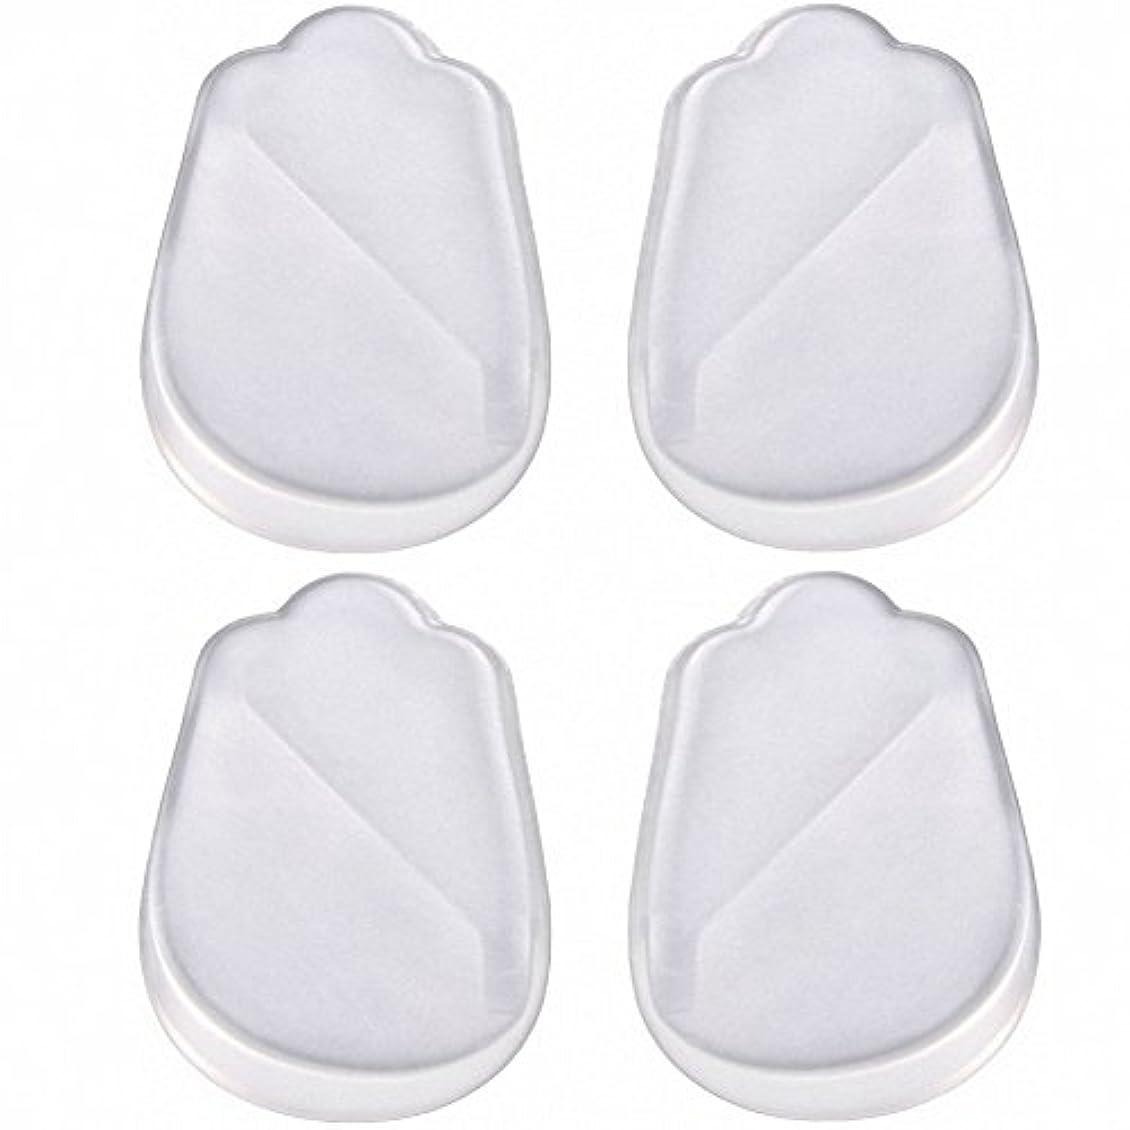 いちゃつく悲しいことに救いX脚 O脚 矯正用 かかと インソール 中敷き ジェル シリコン 透明 衝撃を吸収 男女兼用 靴に 入れて 履くだけ 4枚 2足分セット